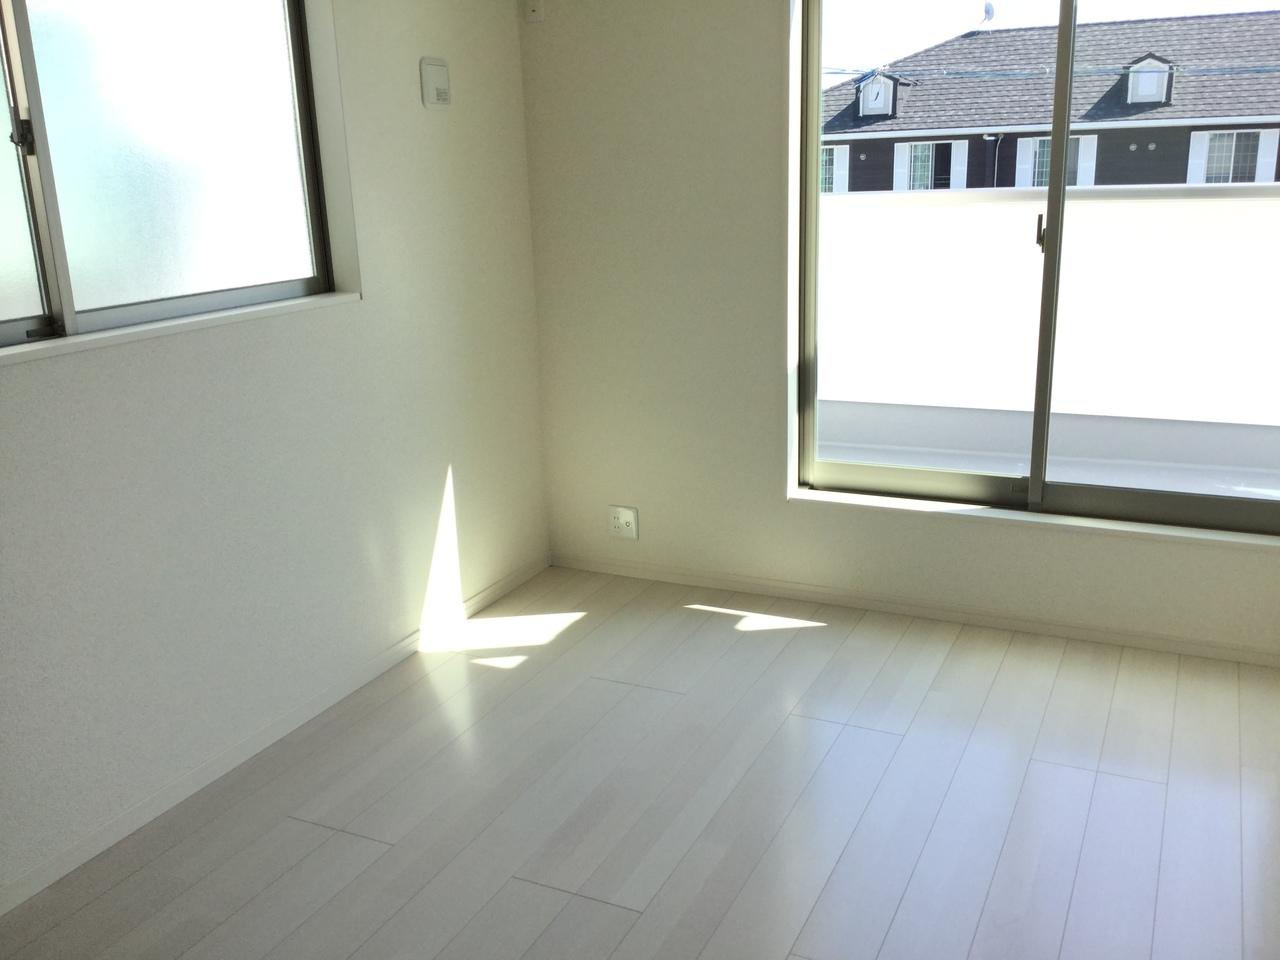 2階 6畳洋室 温かい日差しが差し込む居室は、子供部屋にも良さそうですね